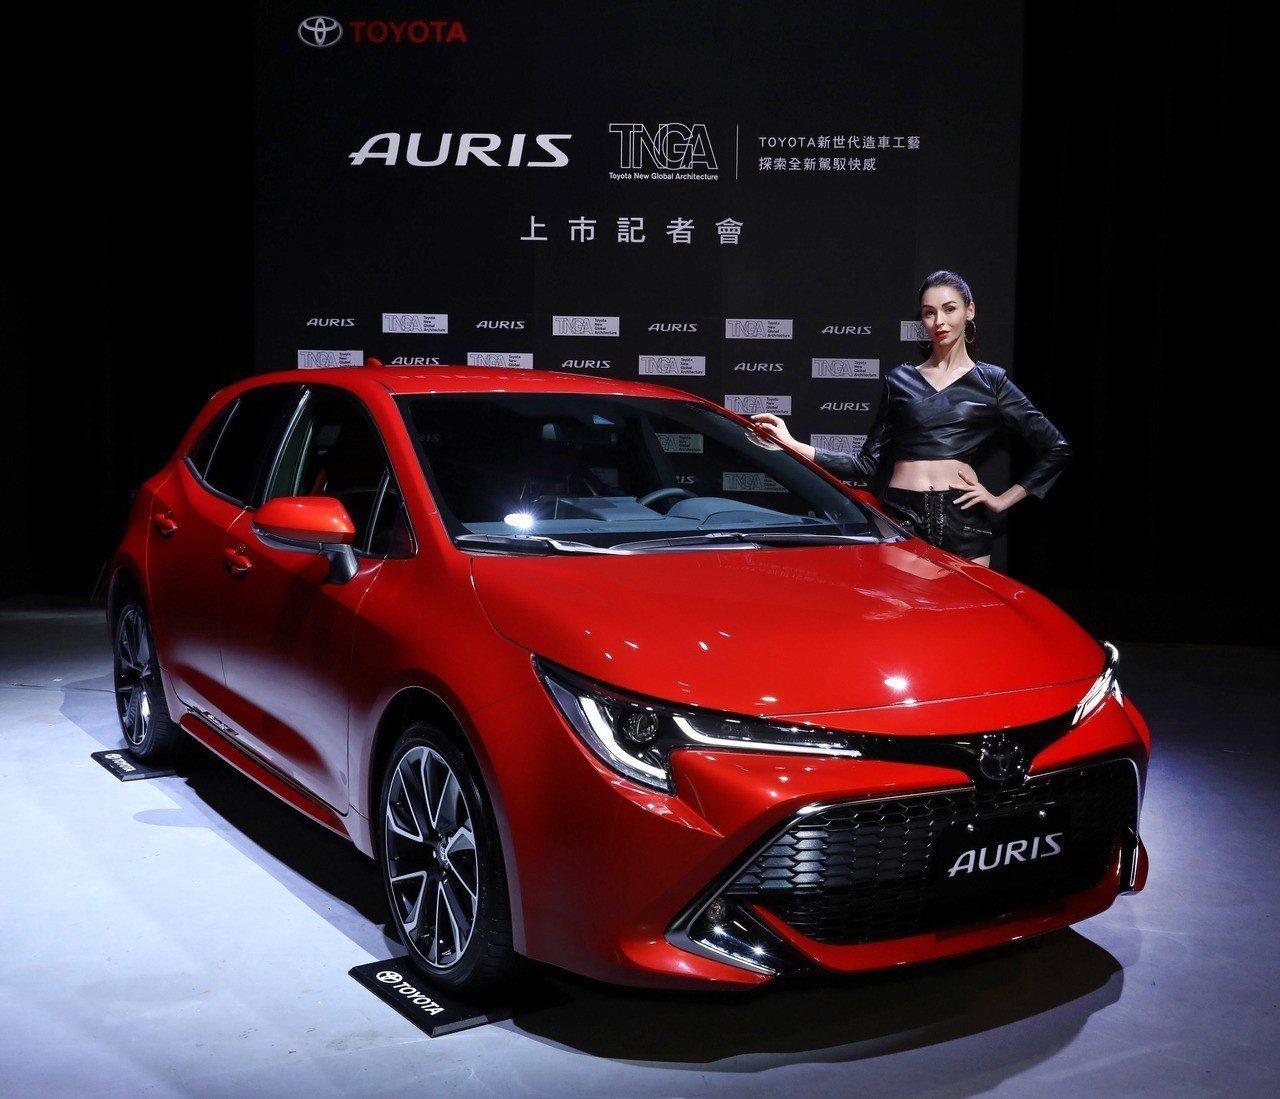 TOYOTA總代理和泰汽車發表日本原裝掀背車TOYOTA AURIS,並祭出83...